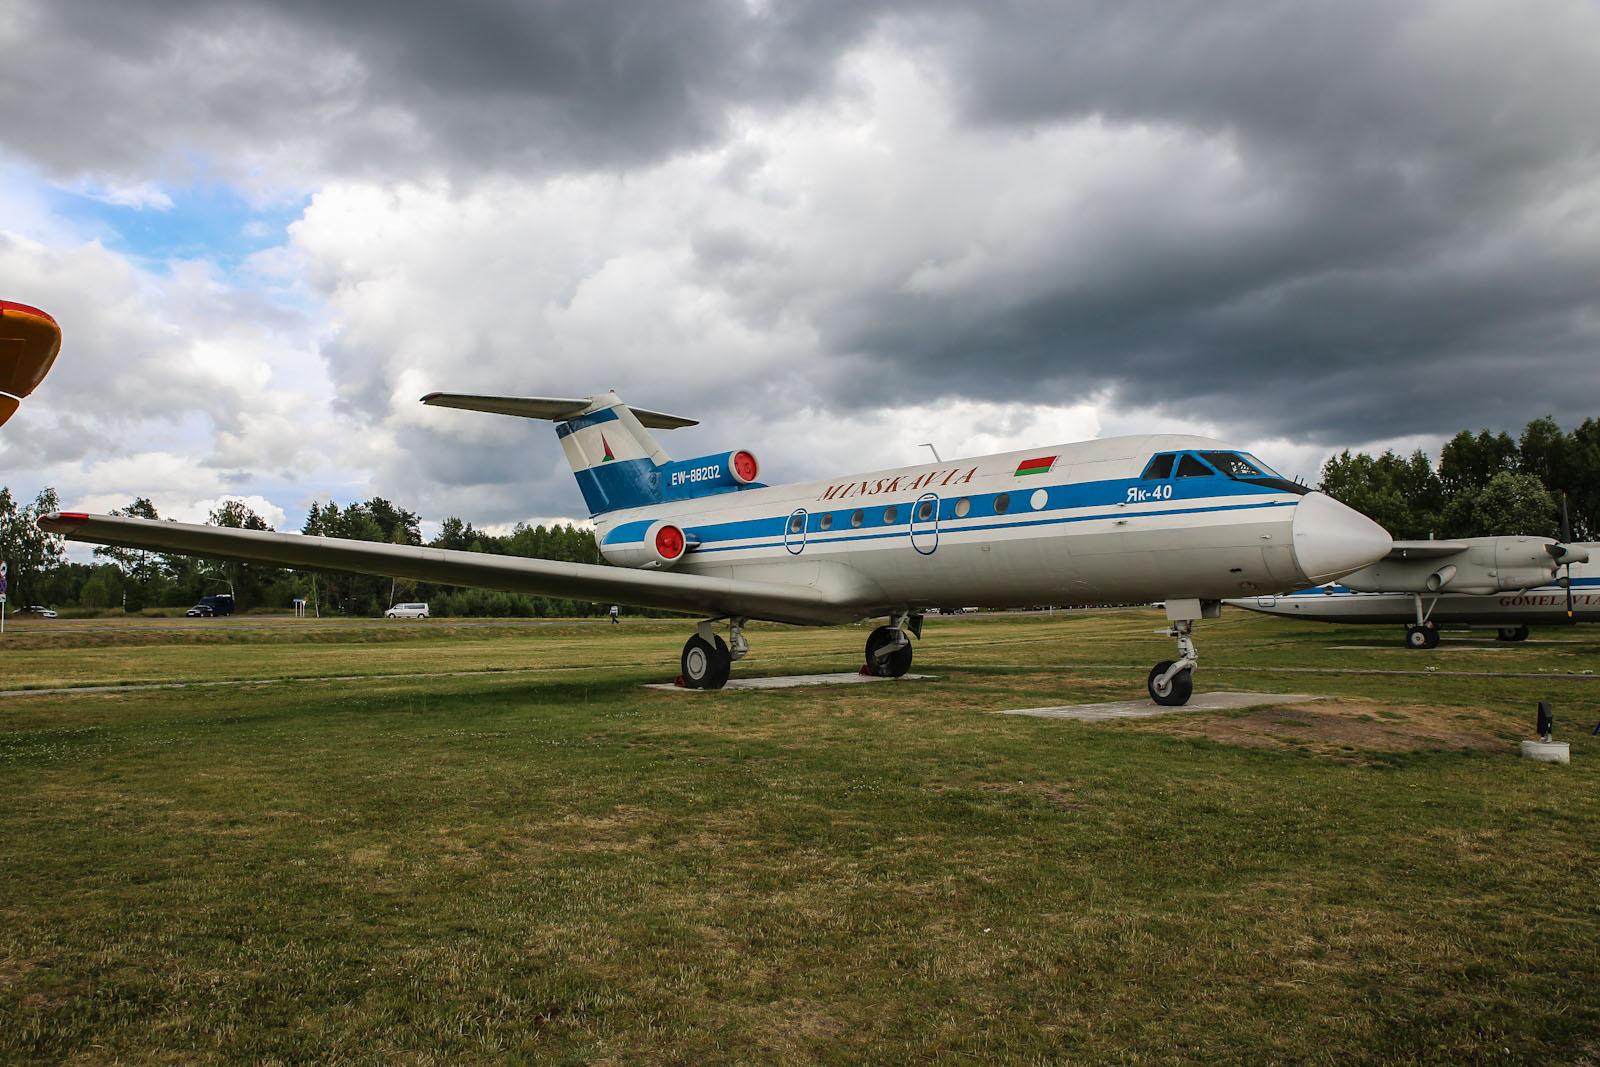 Самолет Як-40 Минскавиа на привокзальной площади в аэропорту Минска